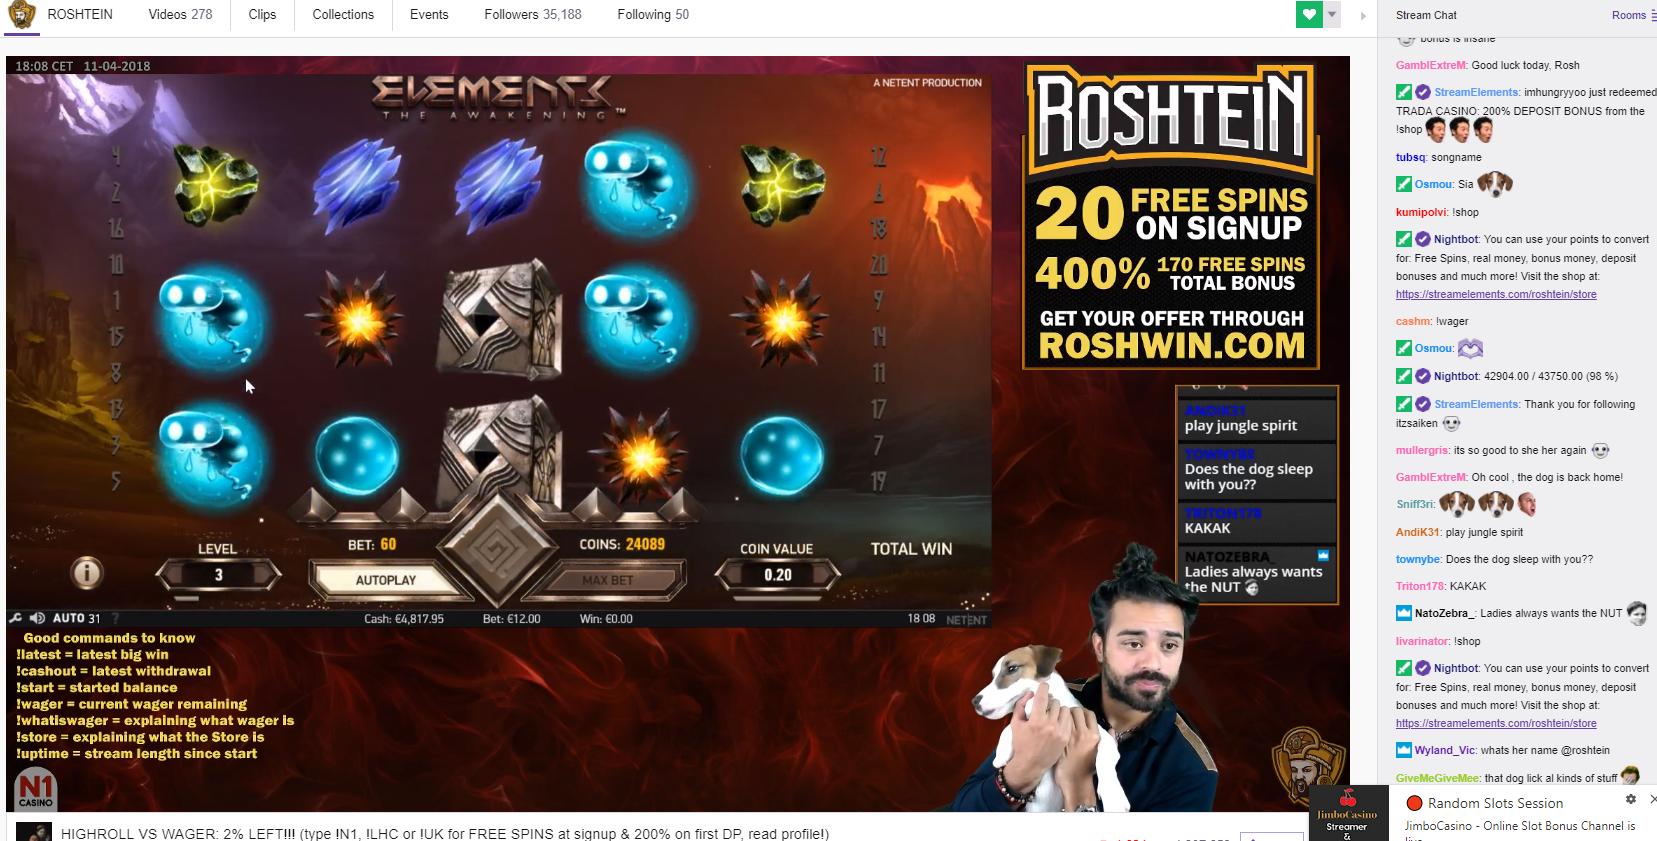 roshtein - online casino streamer